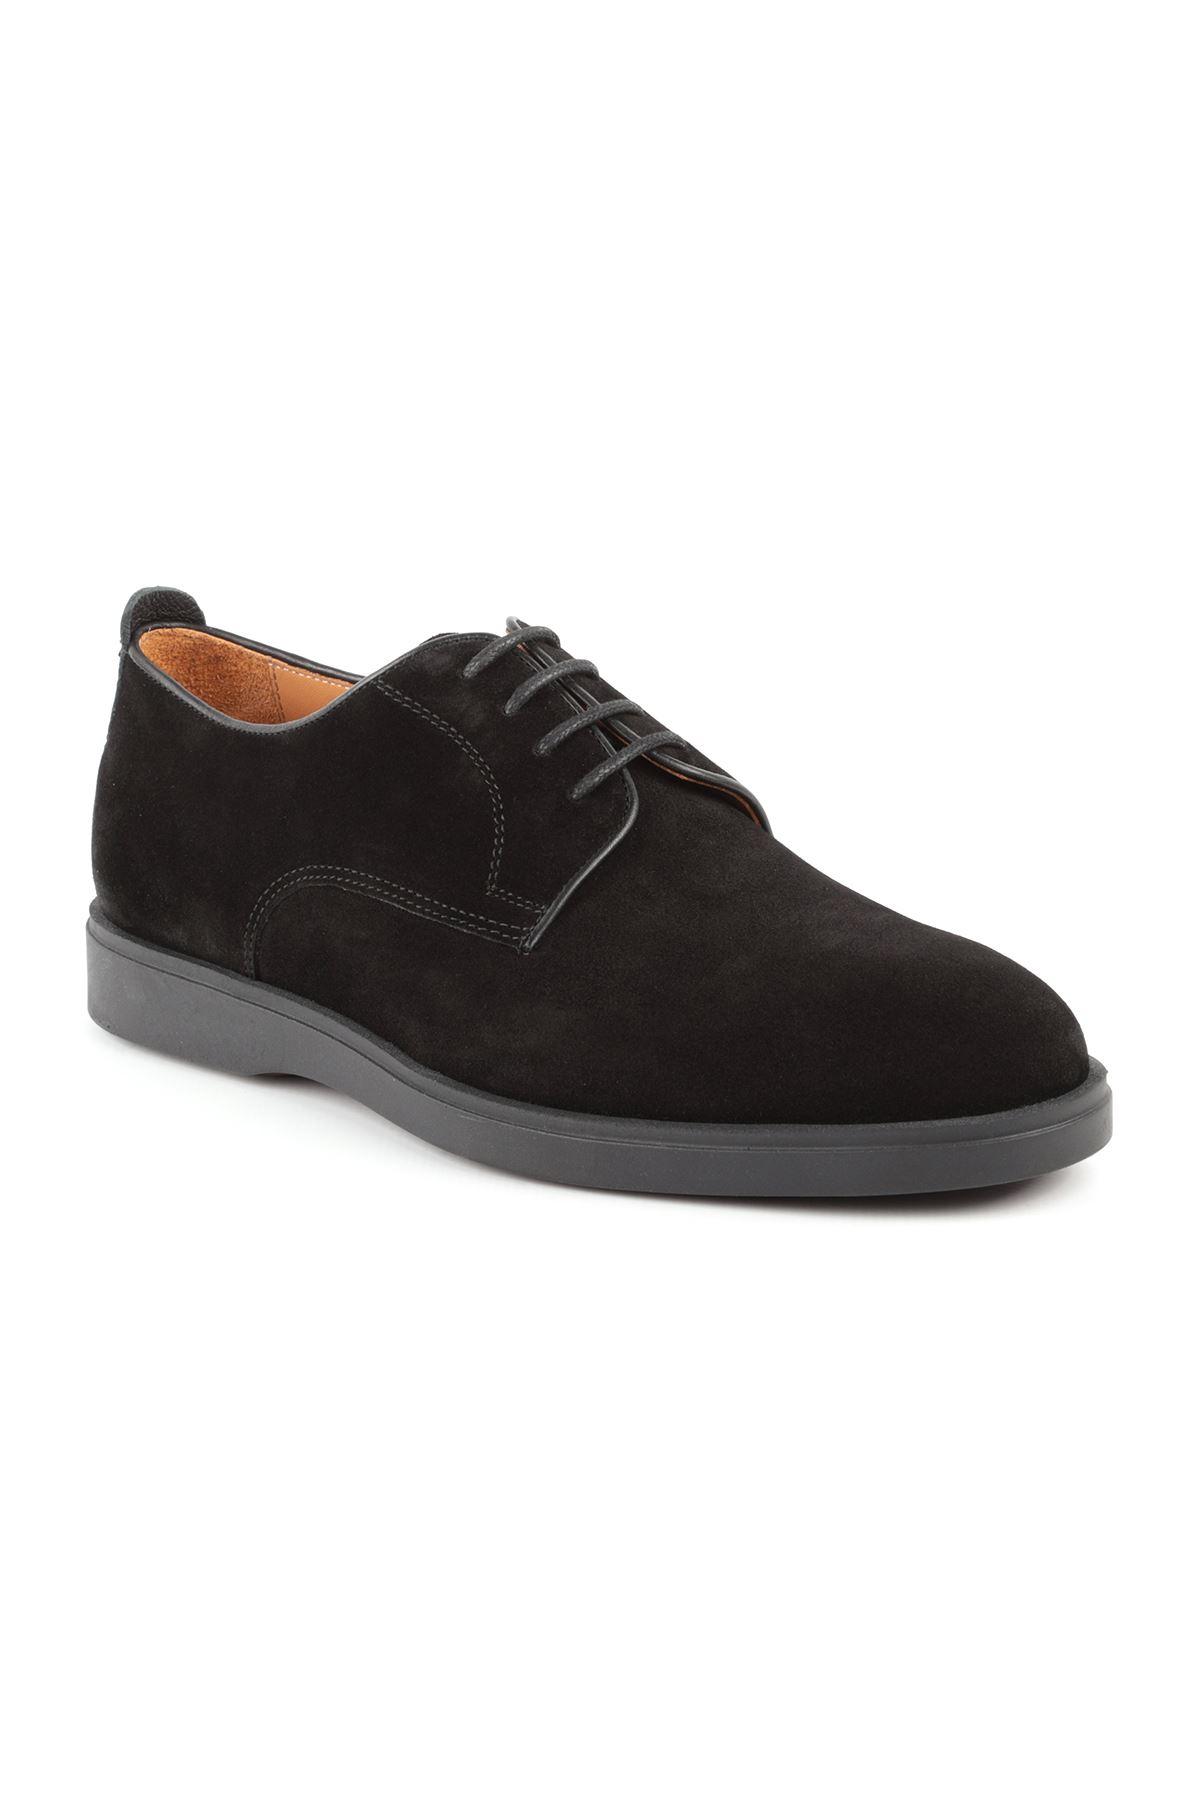 Libero L3647 Siyah Süet Erkek Ayakkabı